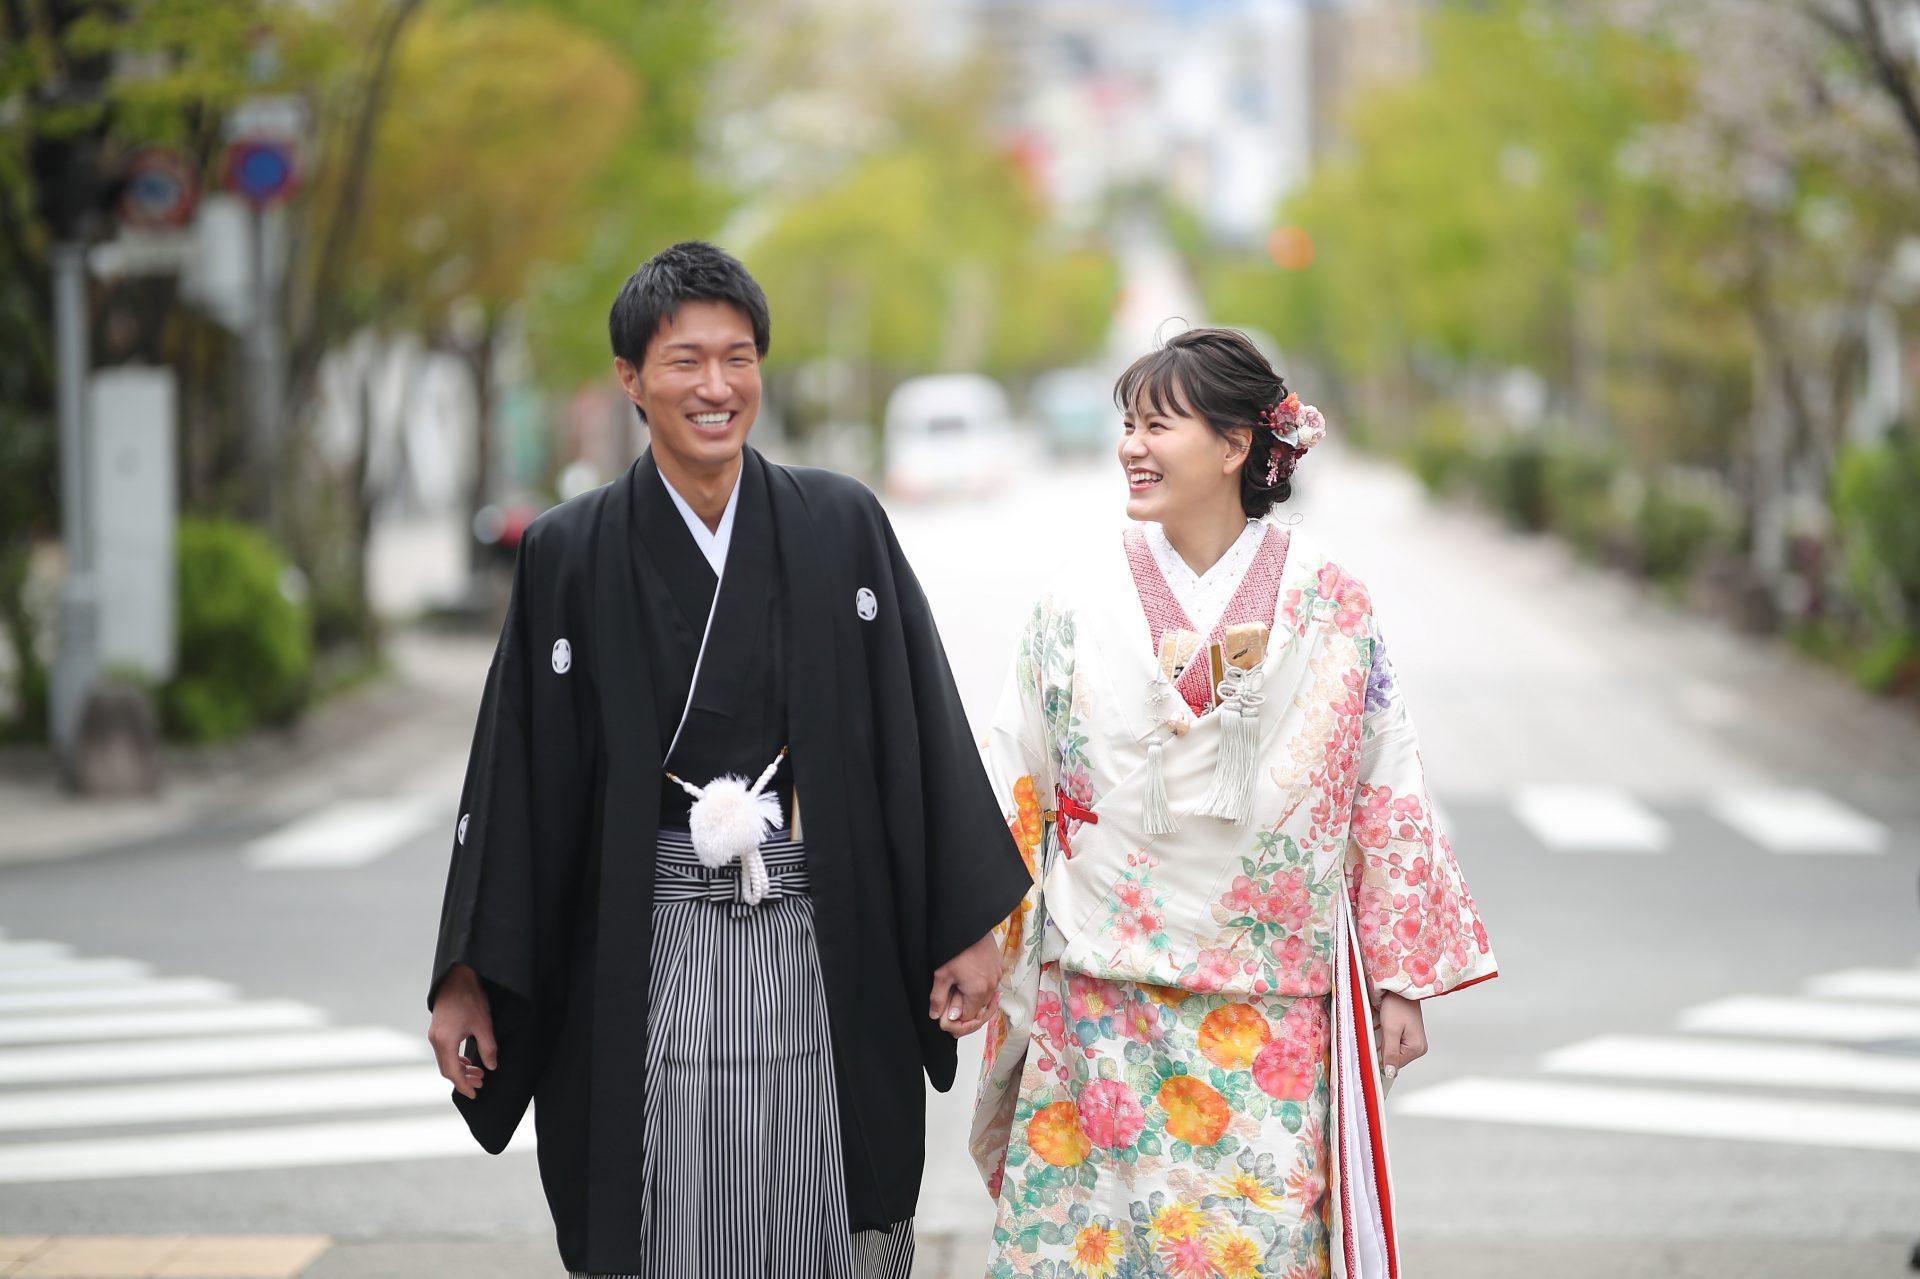 善光寺表参道の街並みと笑顔の映える和装の前撮り写真